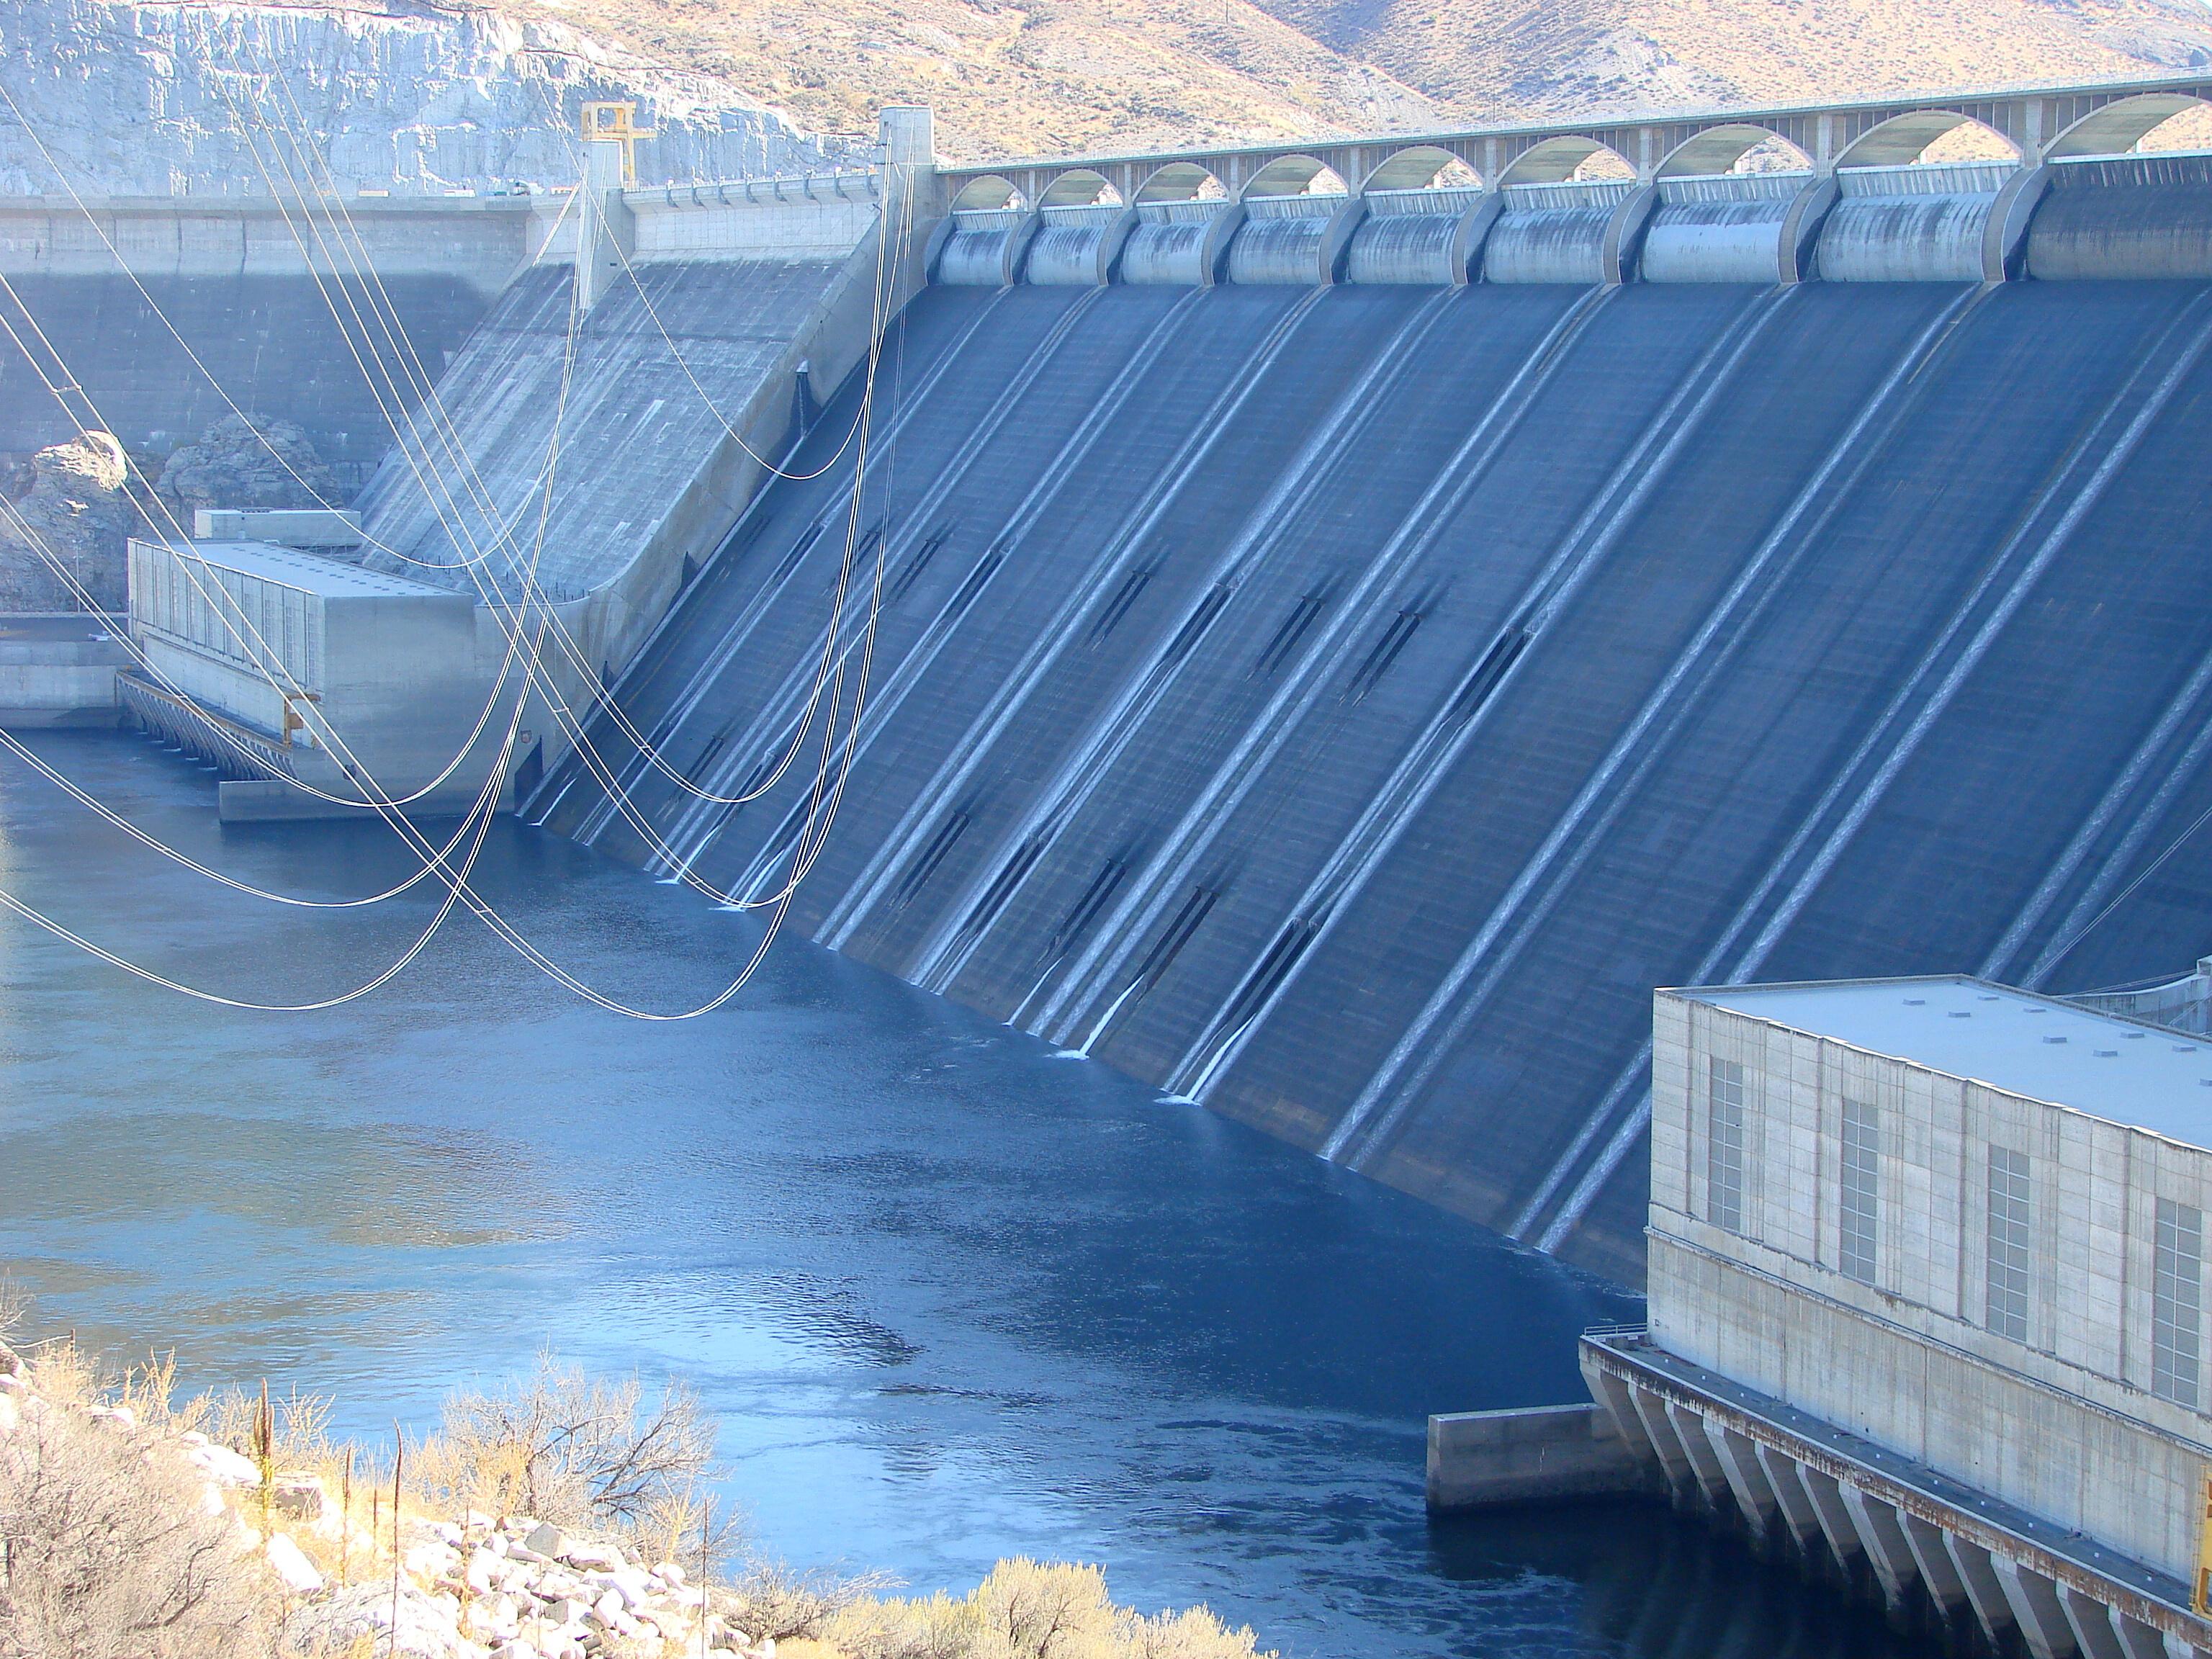 Dams in Washington Dam Eastern Washington